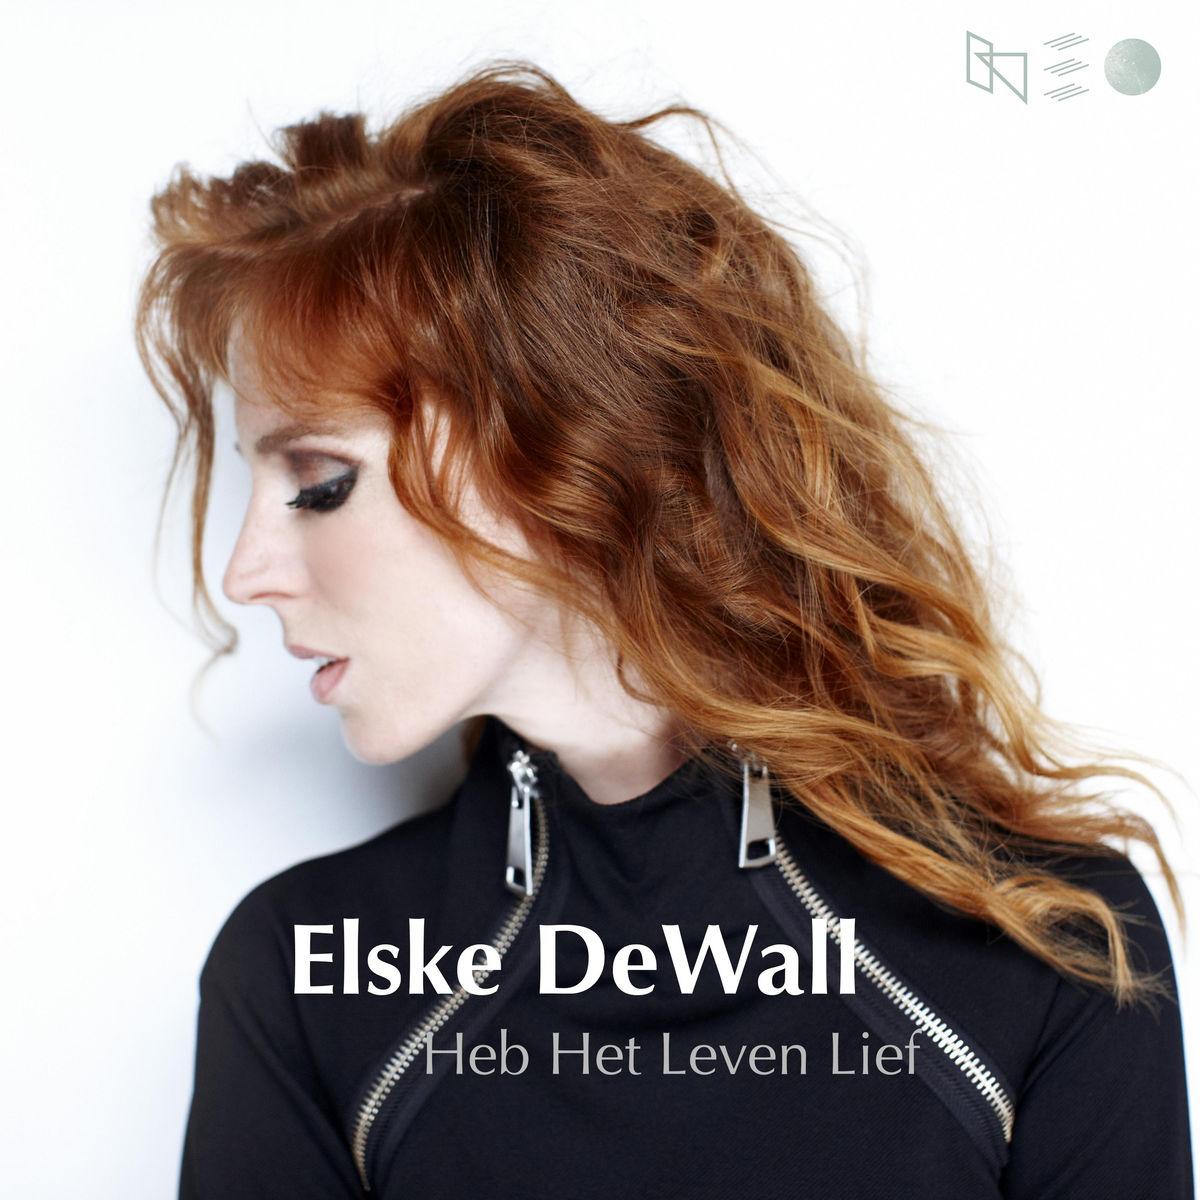 Elske Dewall Heb Het Leven Lief Dutchchartsnl